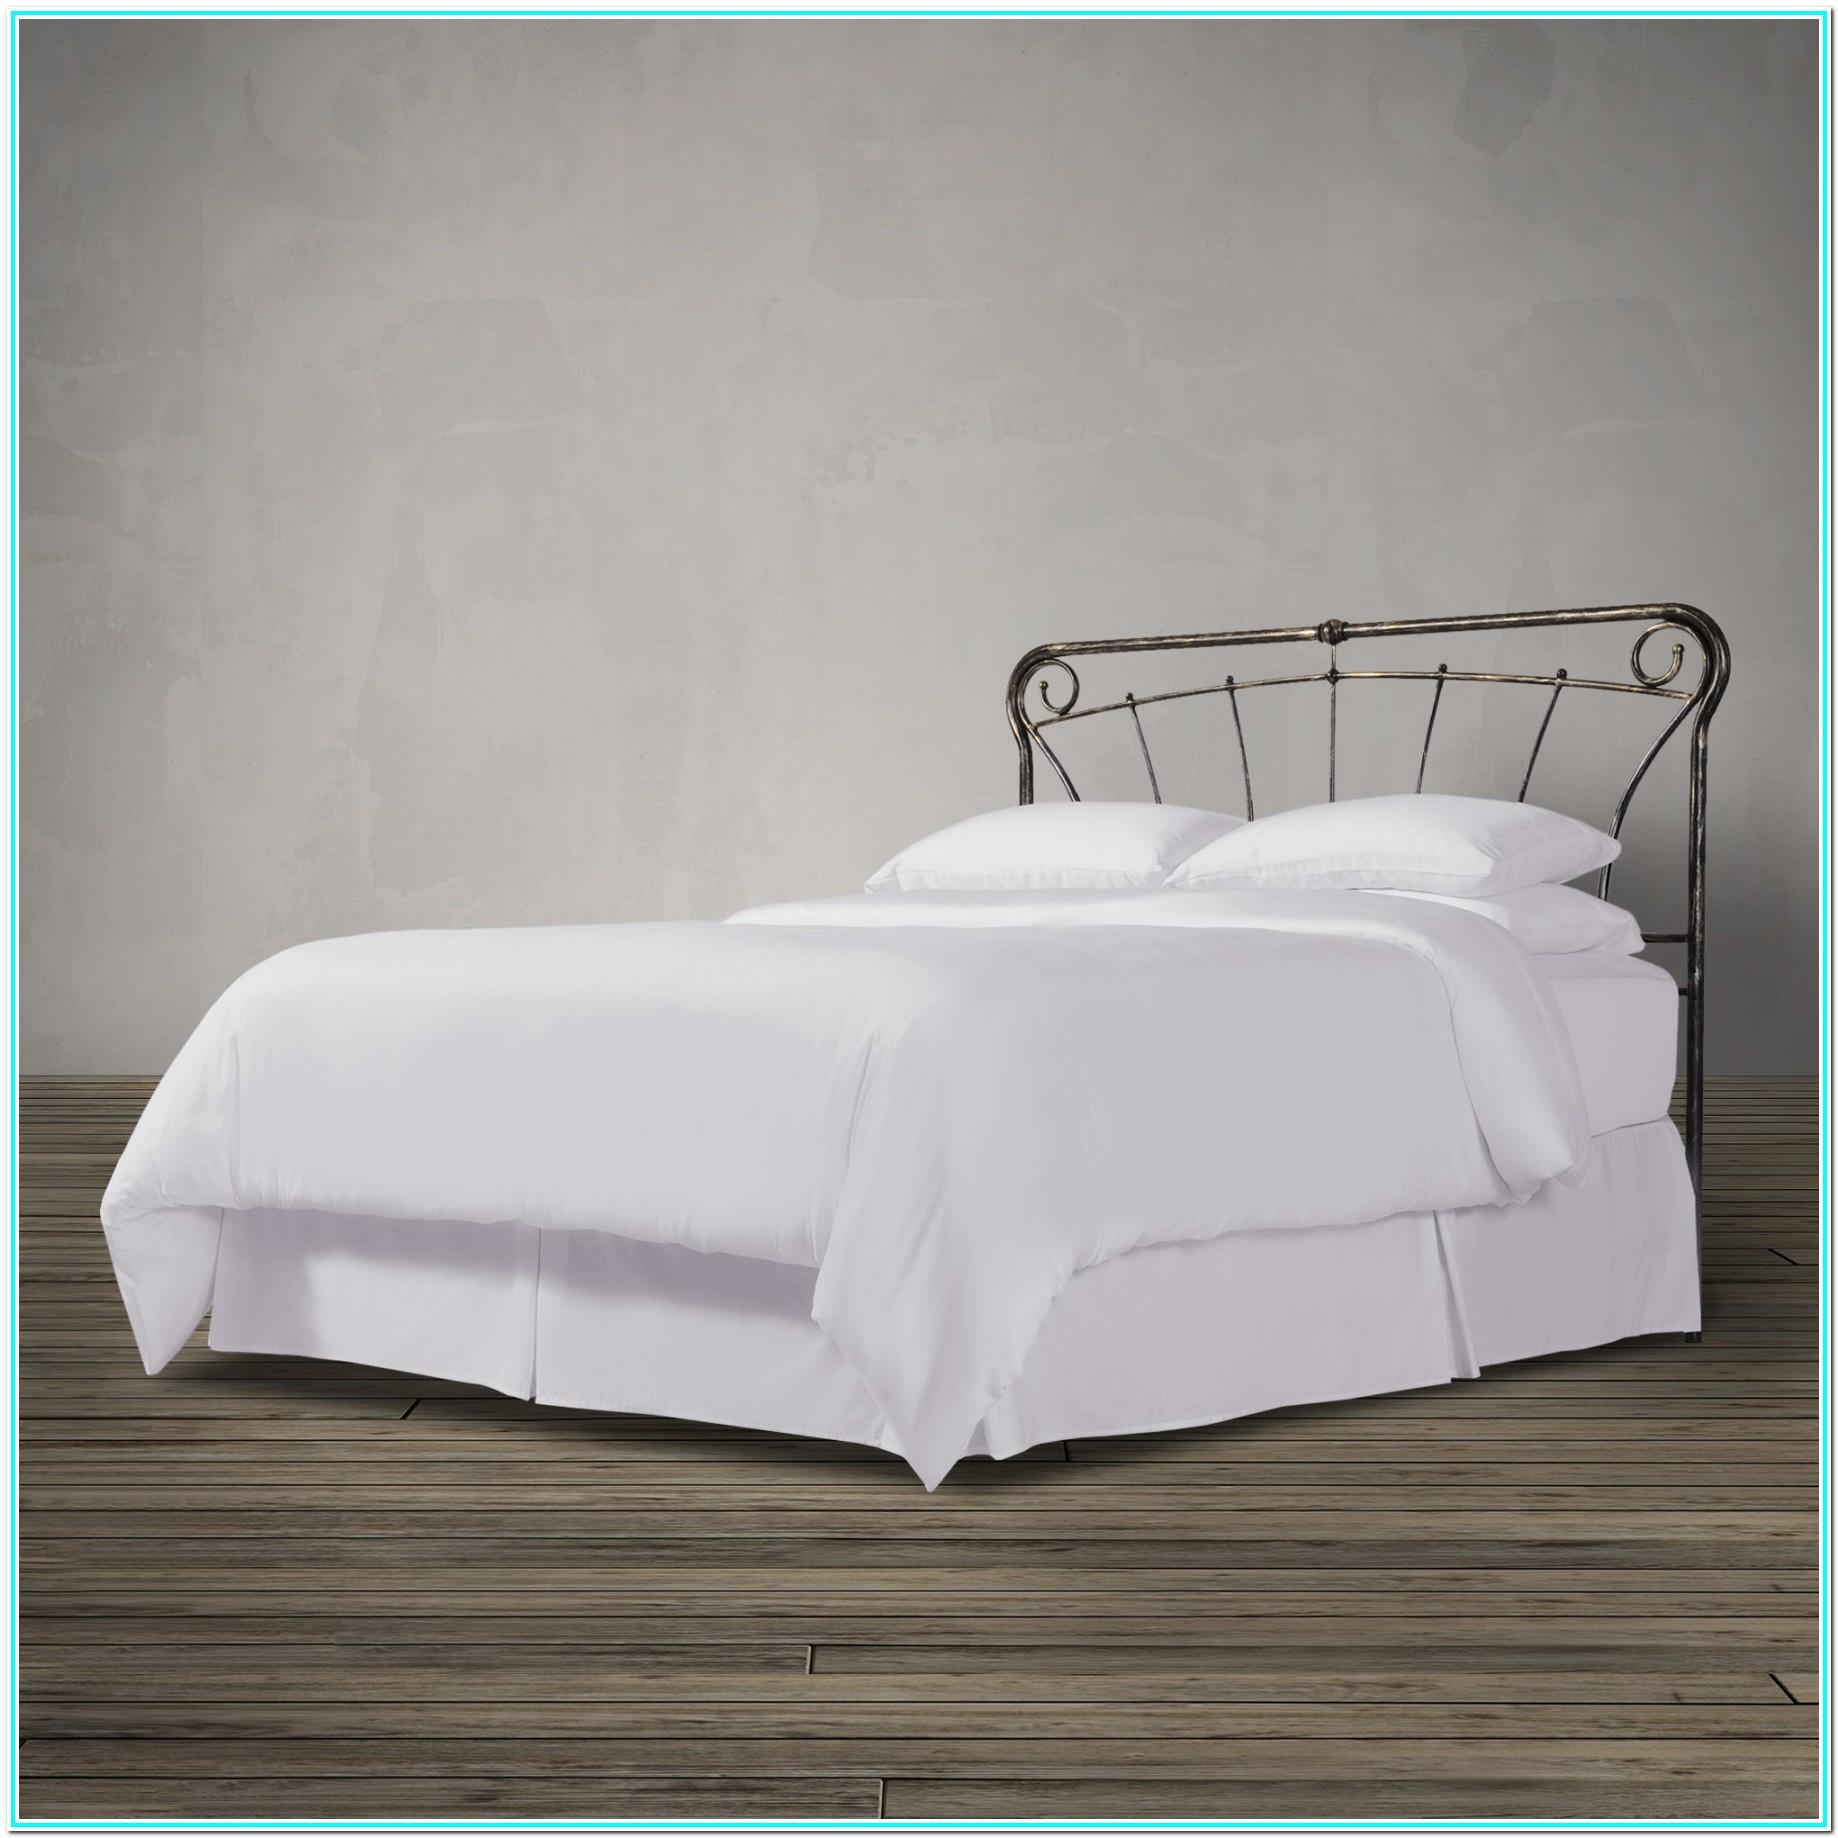 Leggett And Platt Universal Bed Frame Instructions